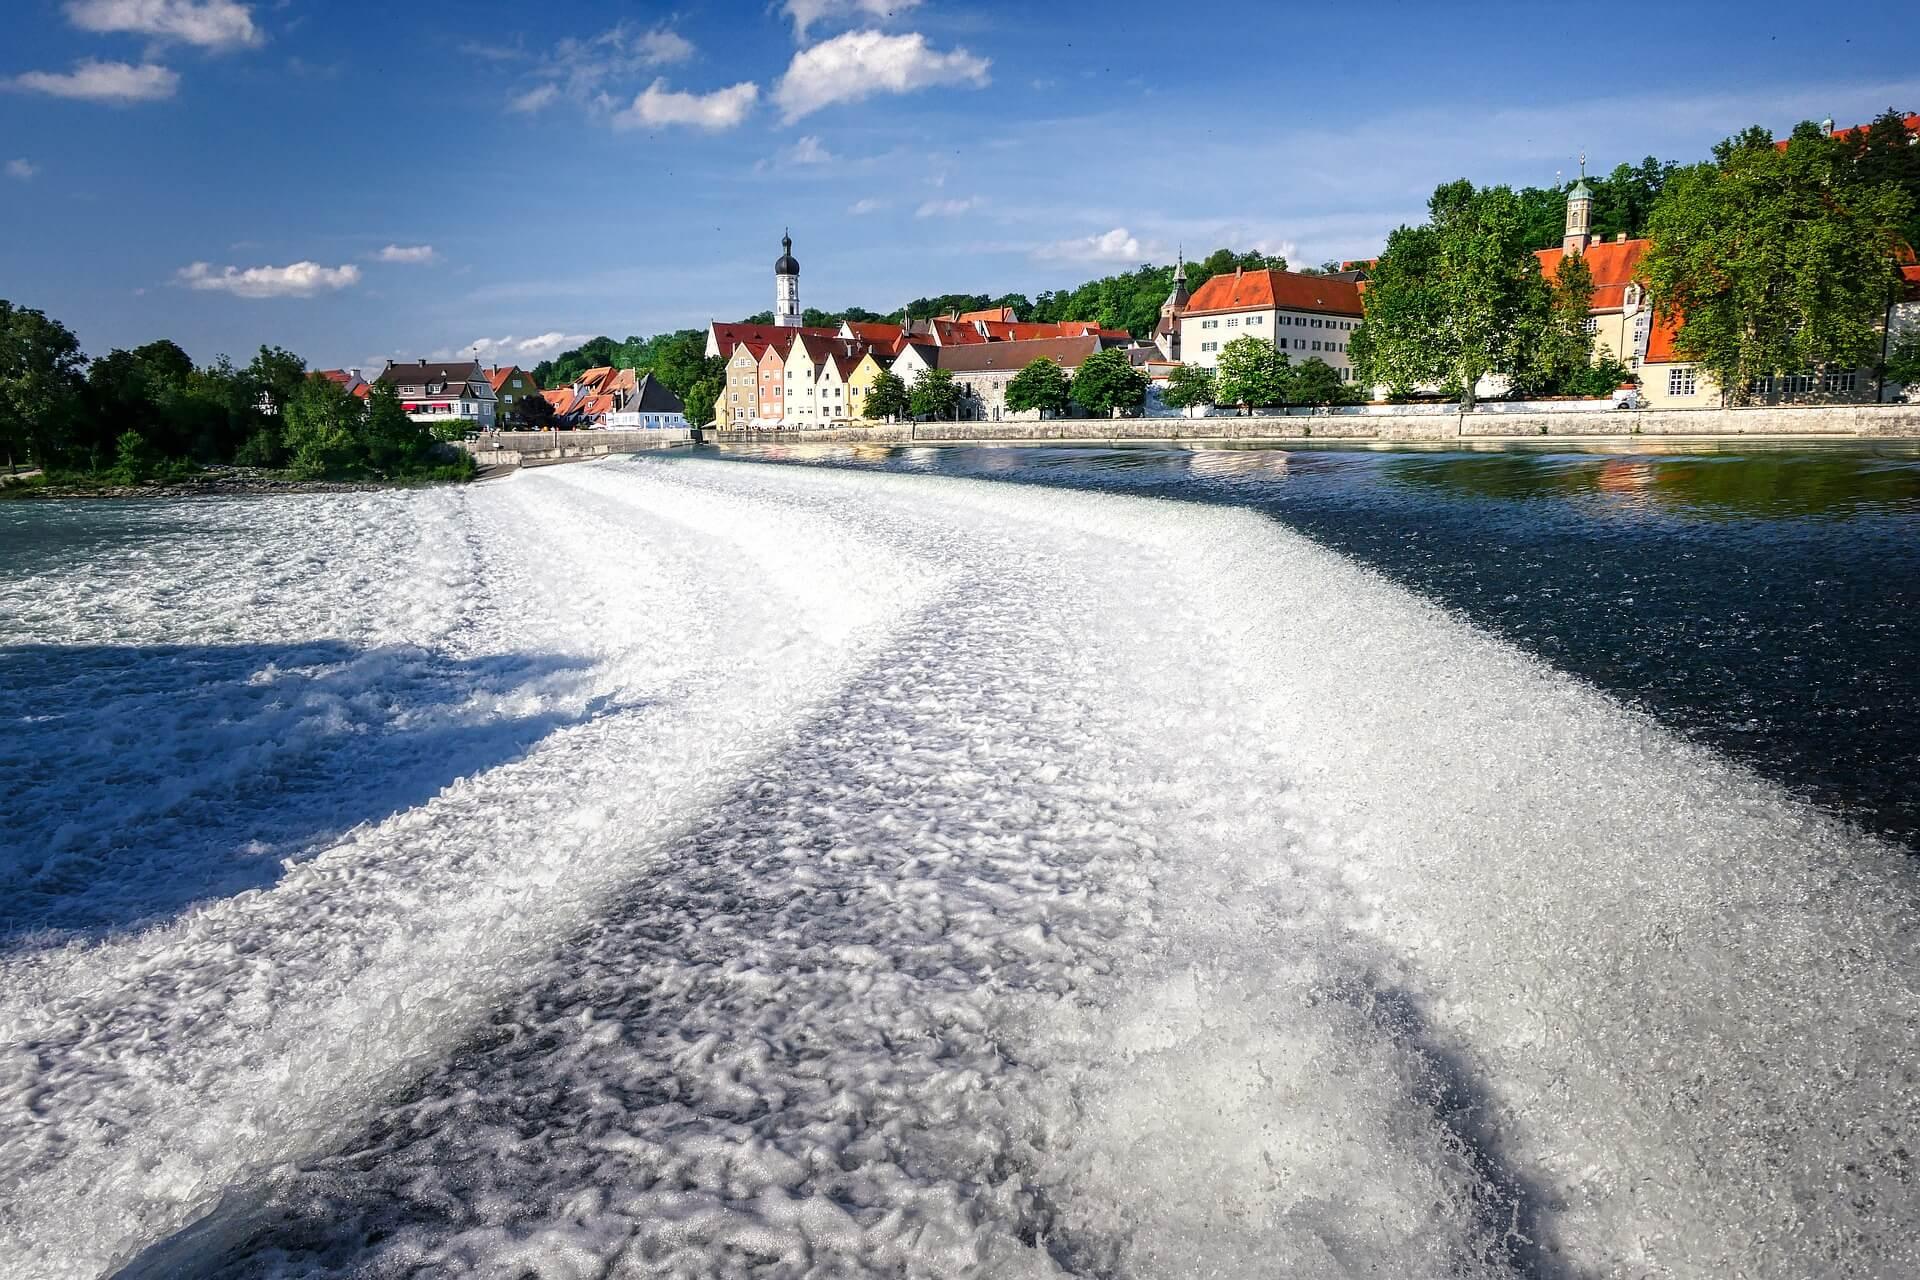 10 Schöne Städte in Bayern, die sich lohnen! Die schönsten Orte Bayerns!